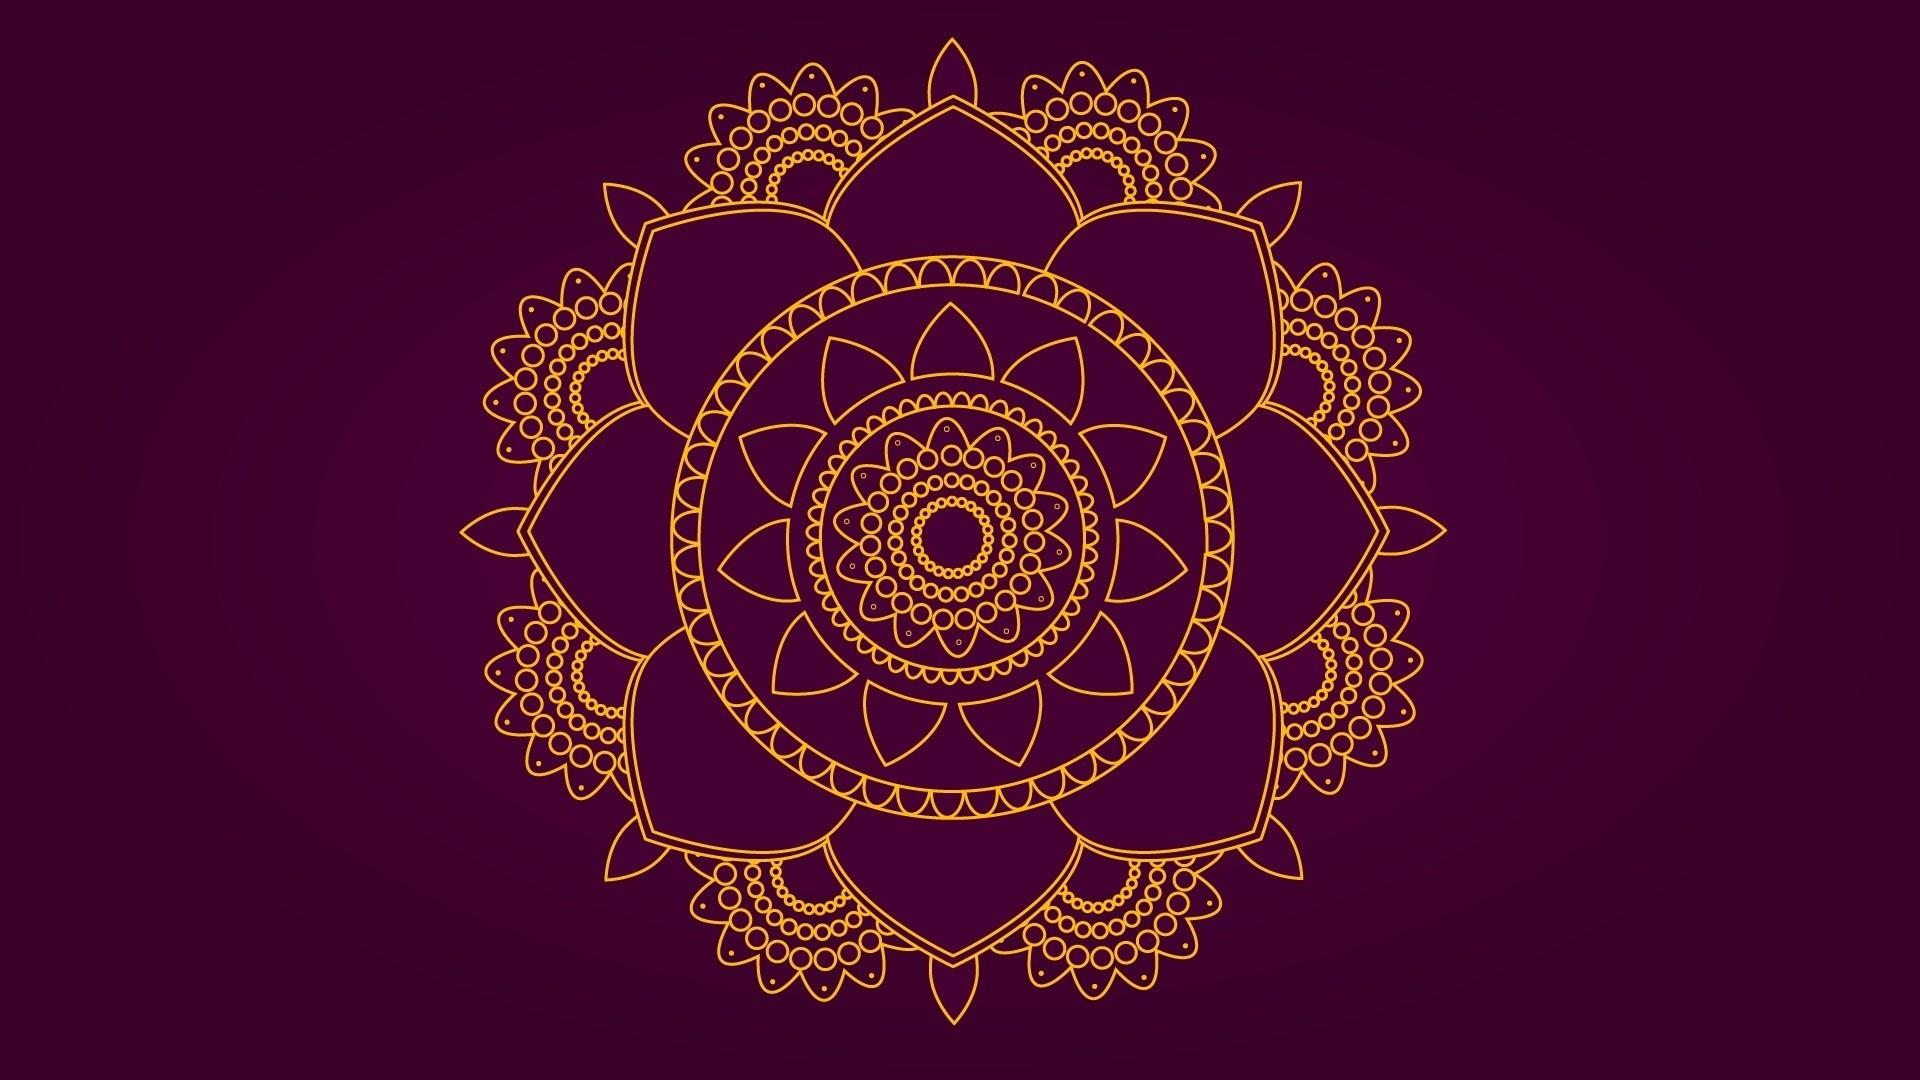 Mandala hd wallpaper download